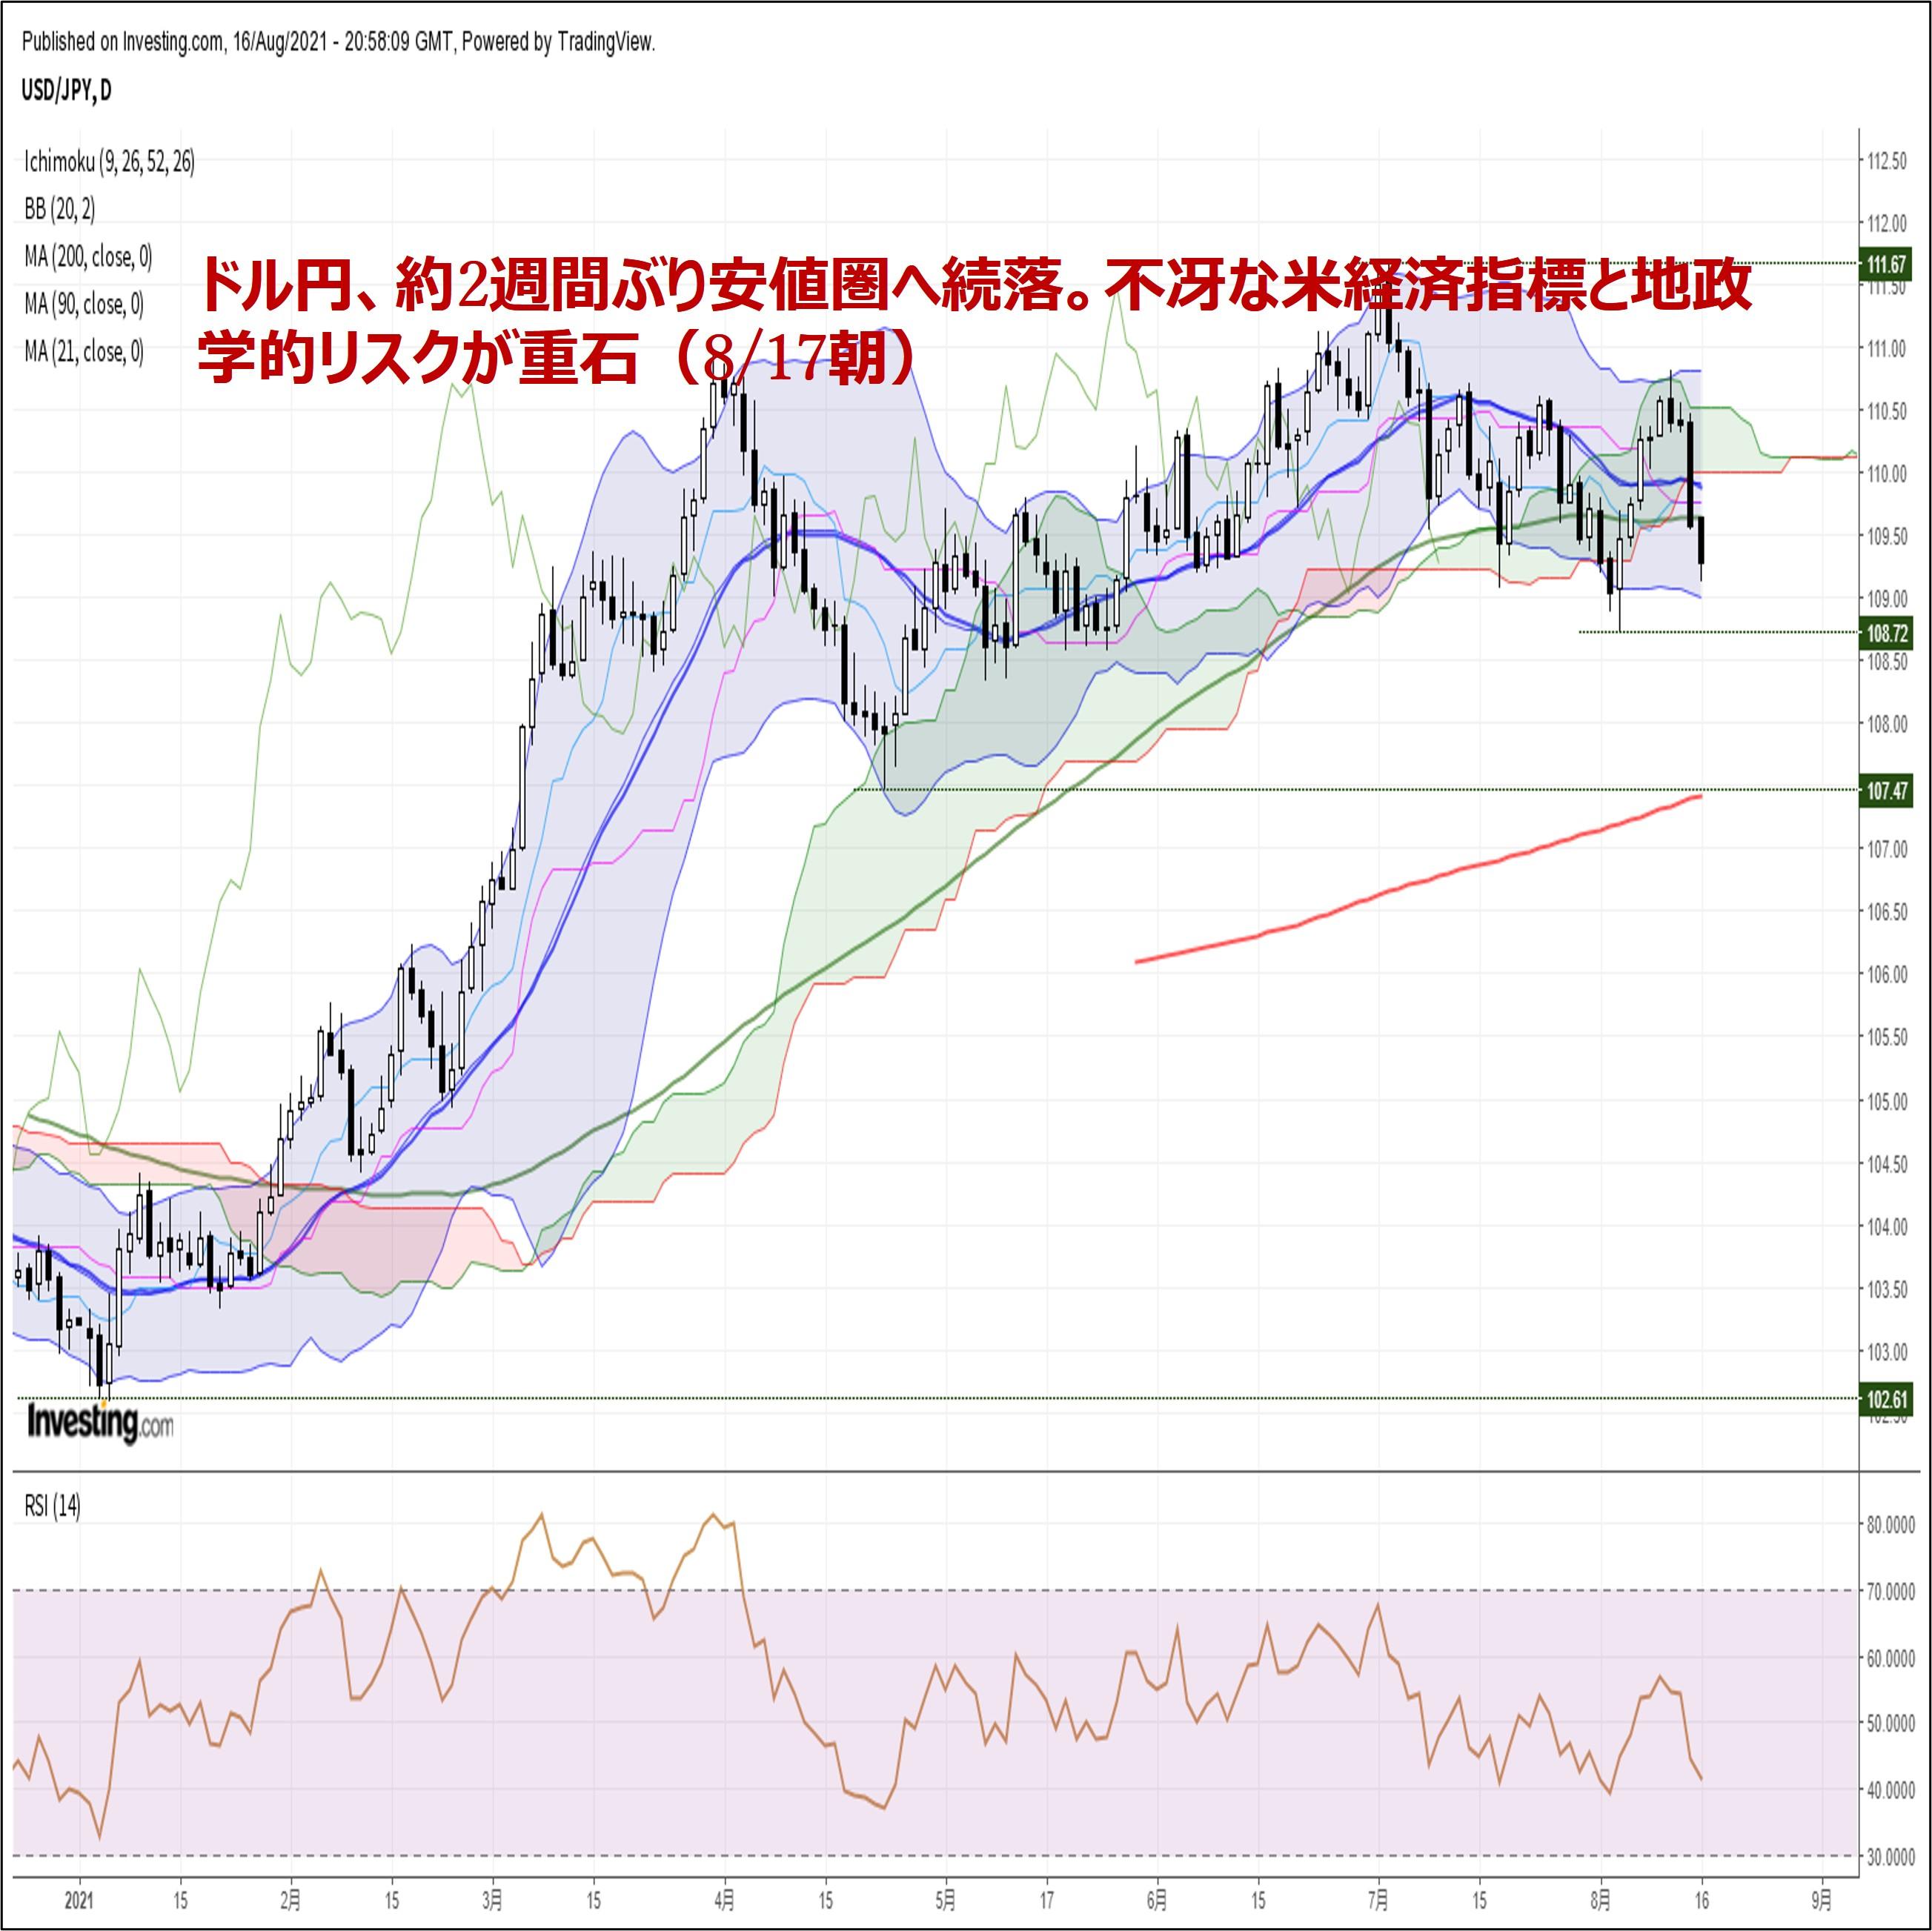 ドル円、約2週間ぶり安値圏へ続落。不冴な米経済指標と地政学的リスクが重石